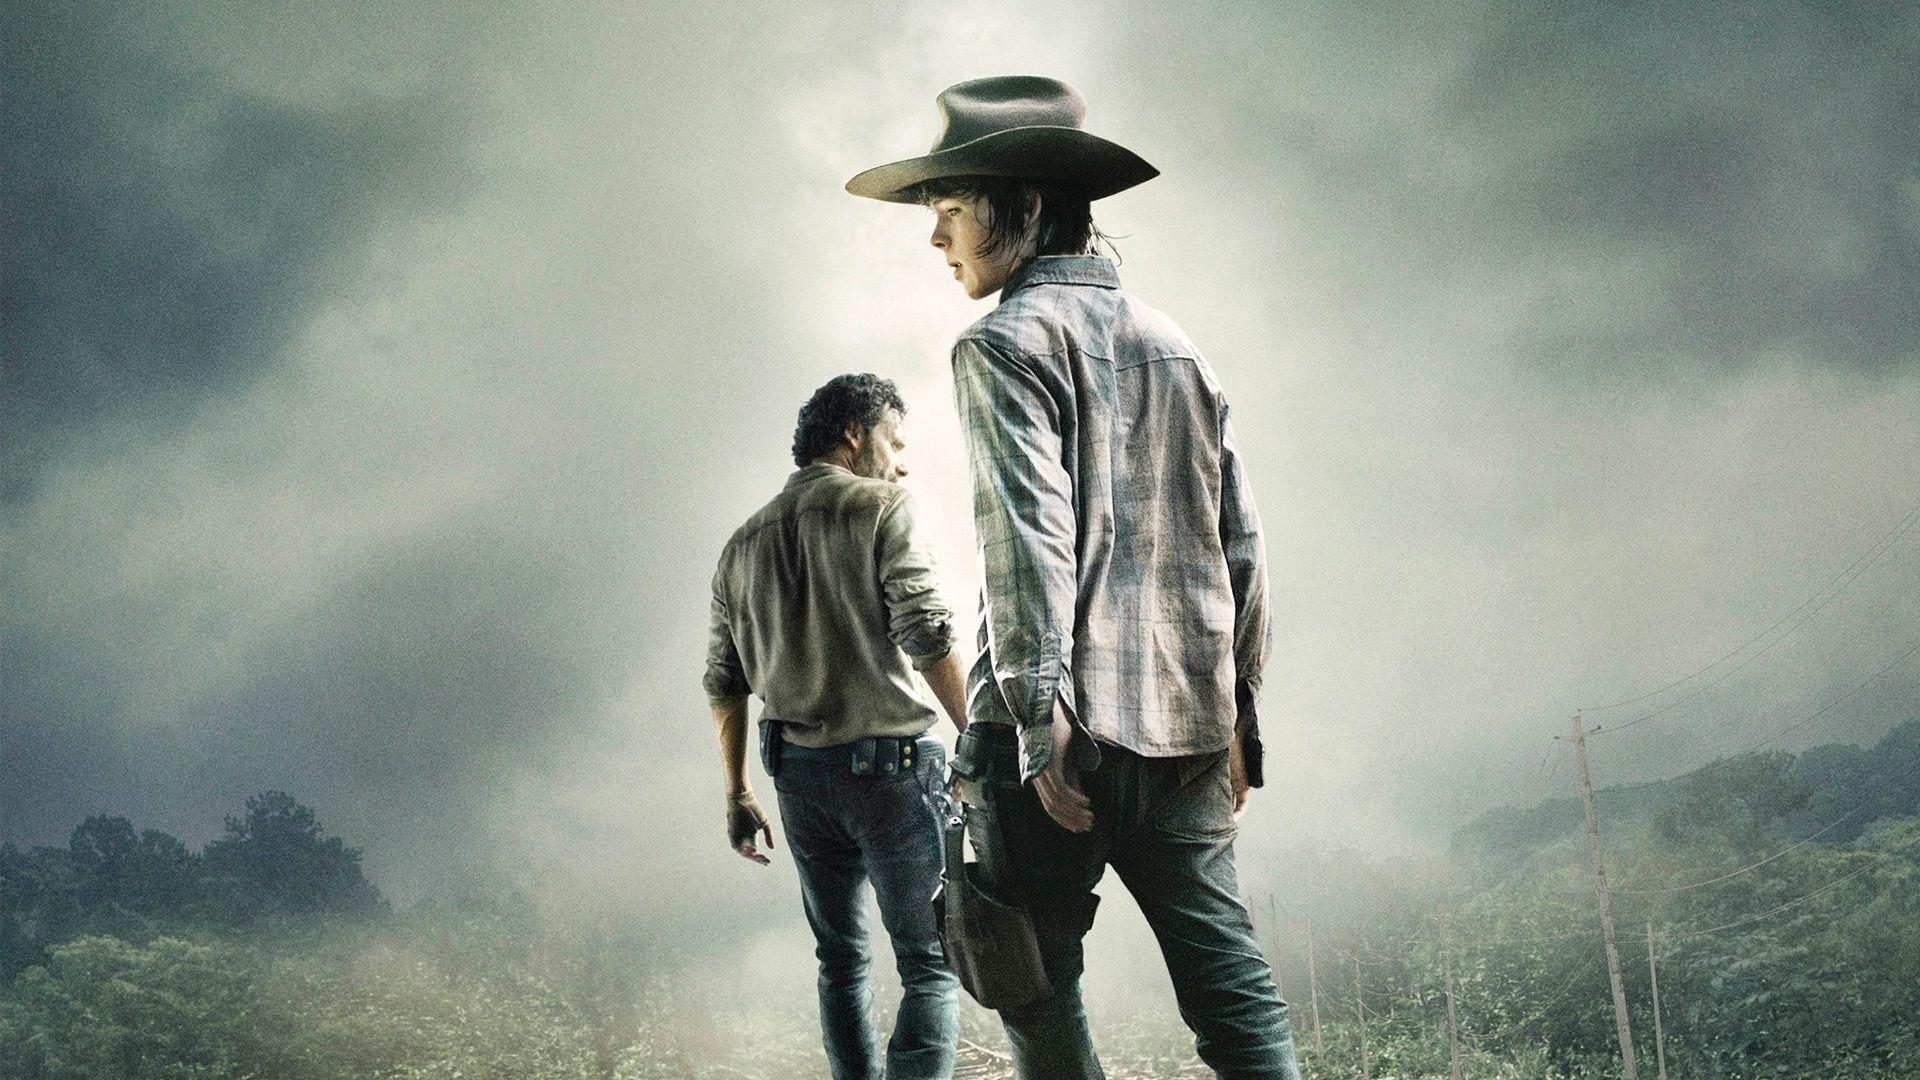 The Walking Dead - Wallpaper by RockLou on DeviantArt